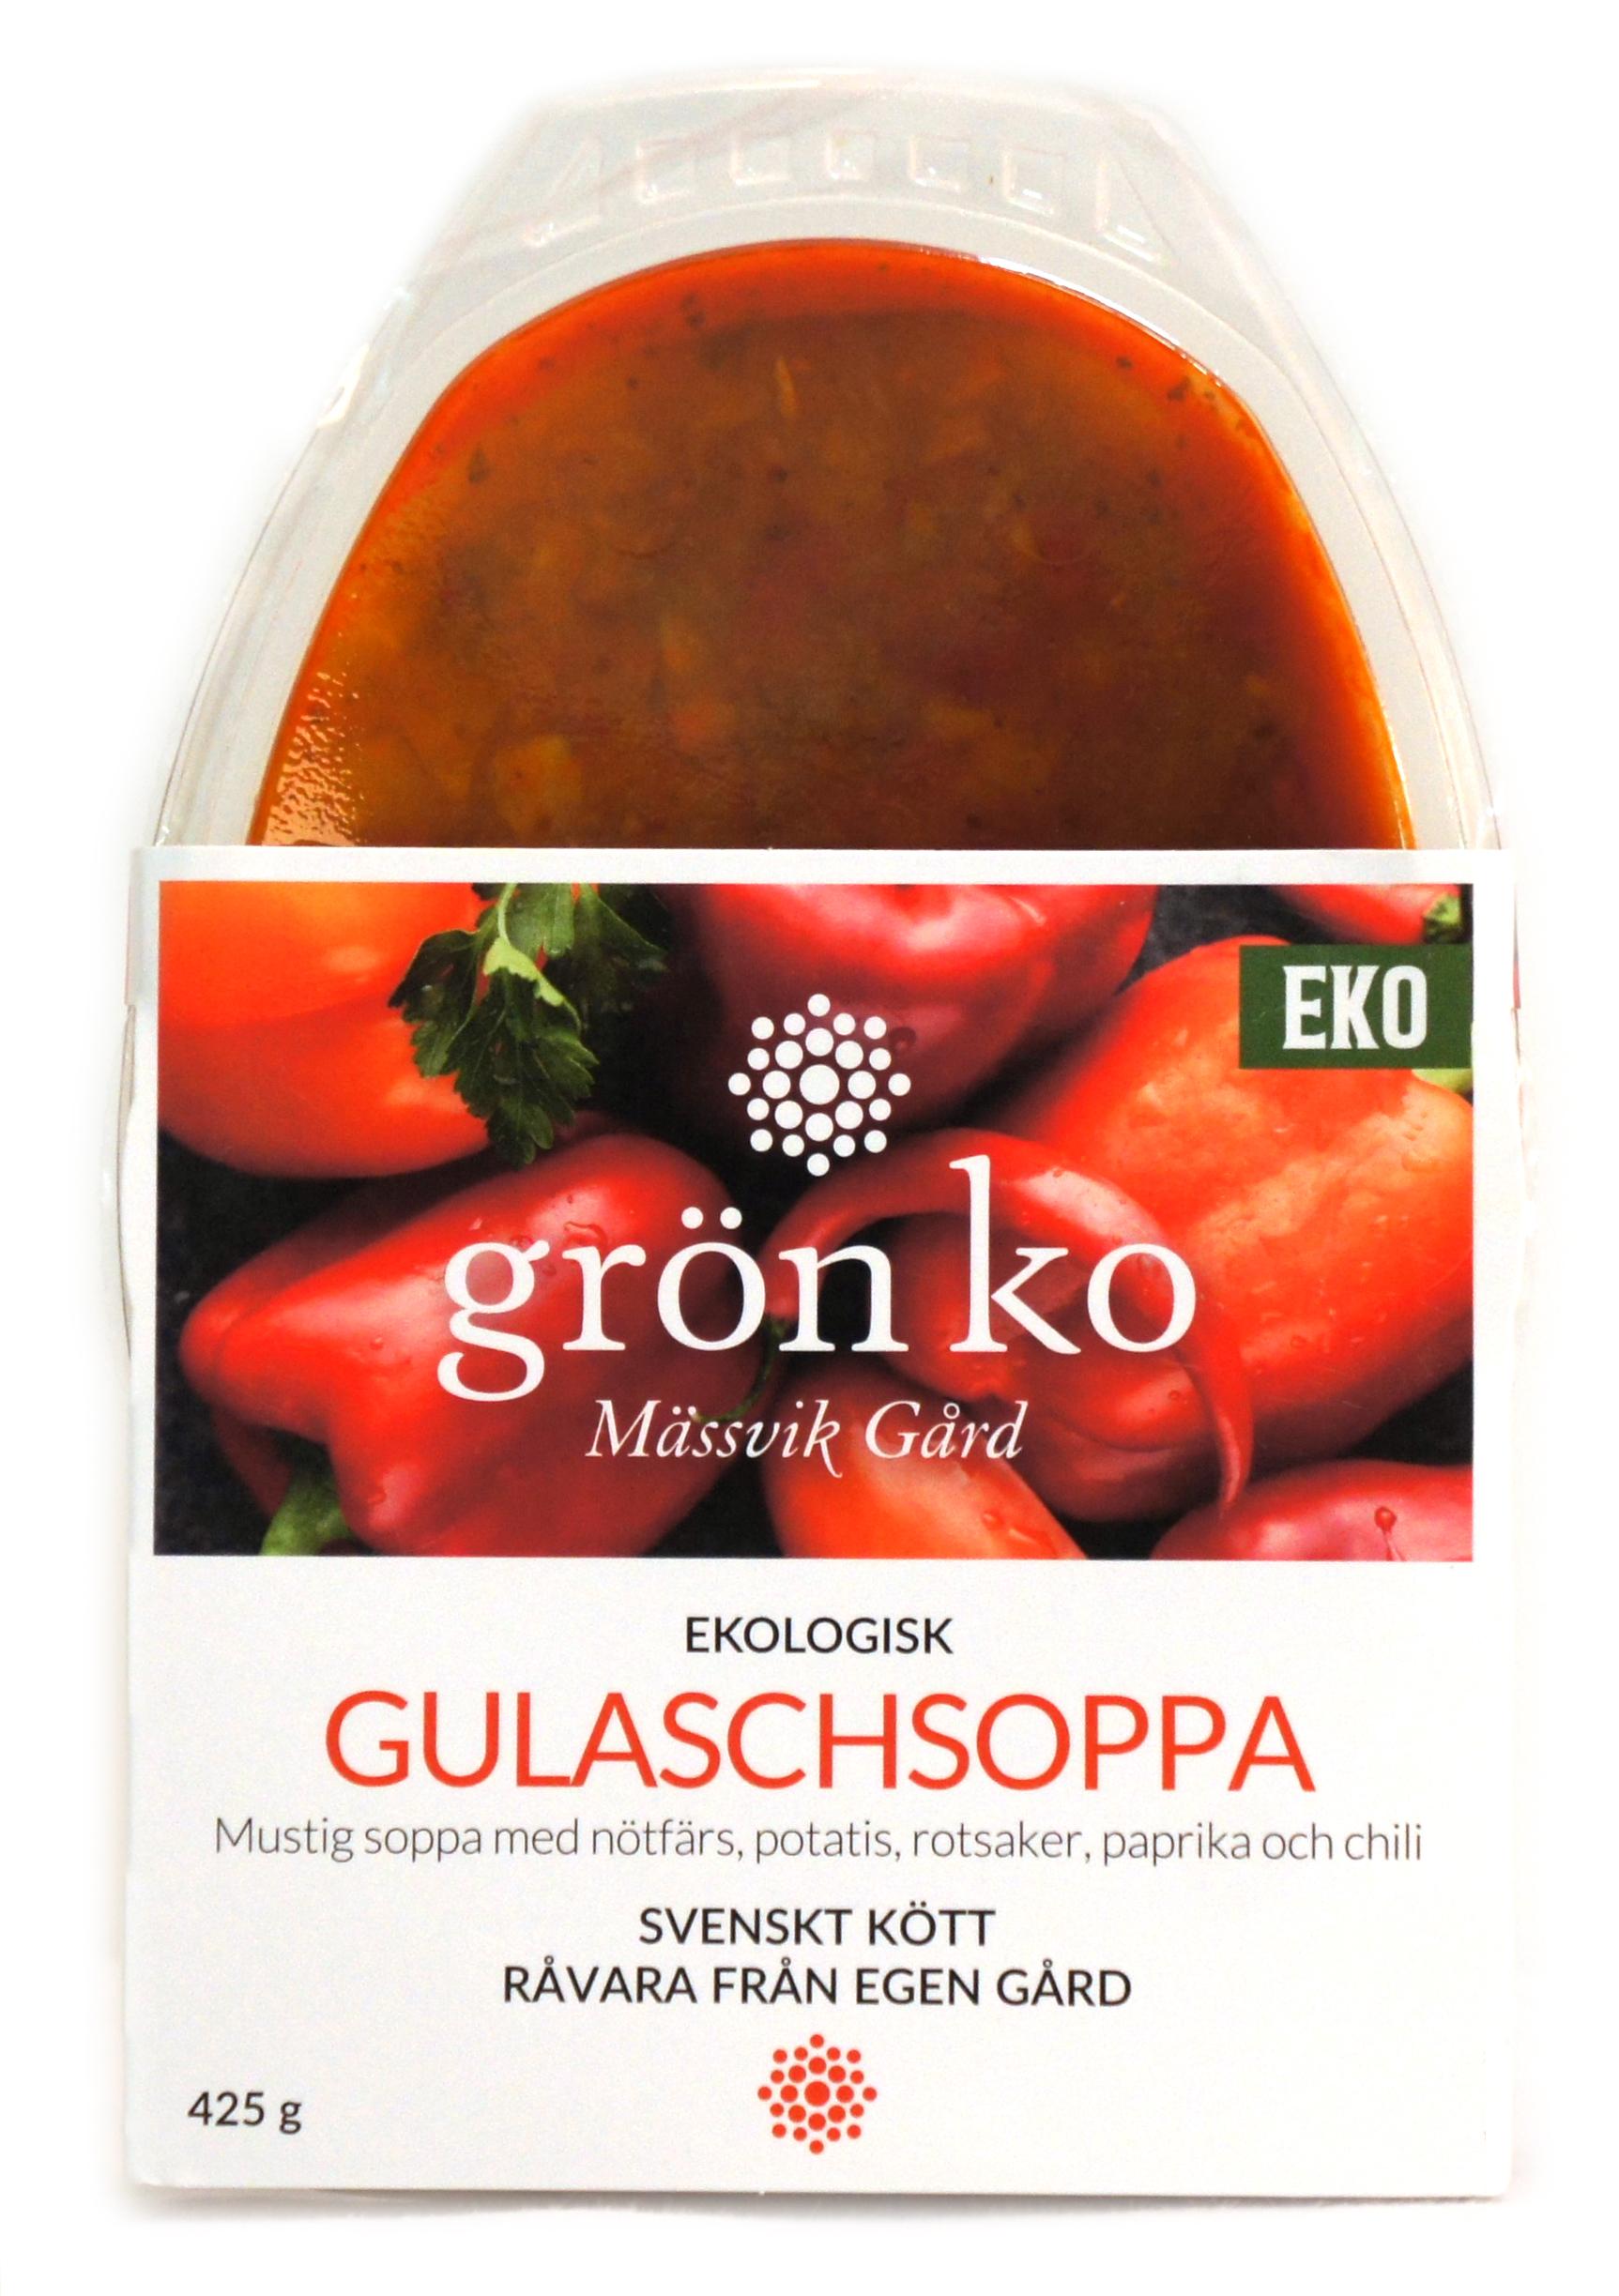 Copy of Gulaschsoppa